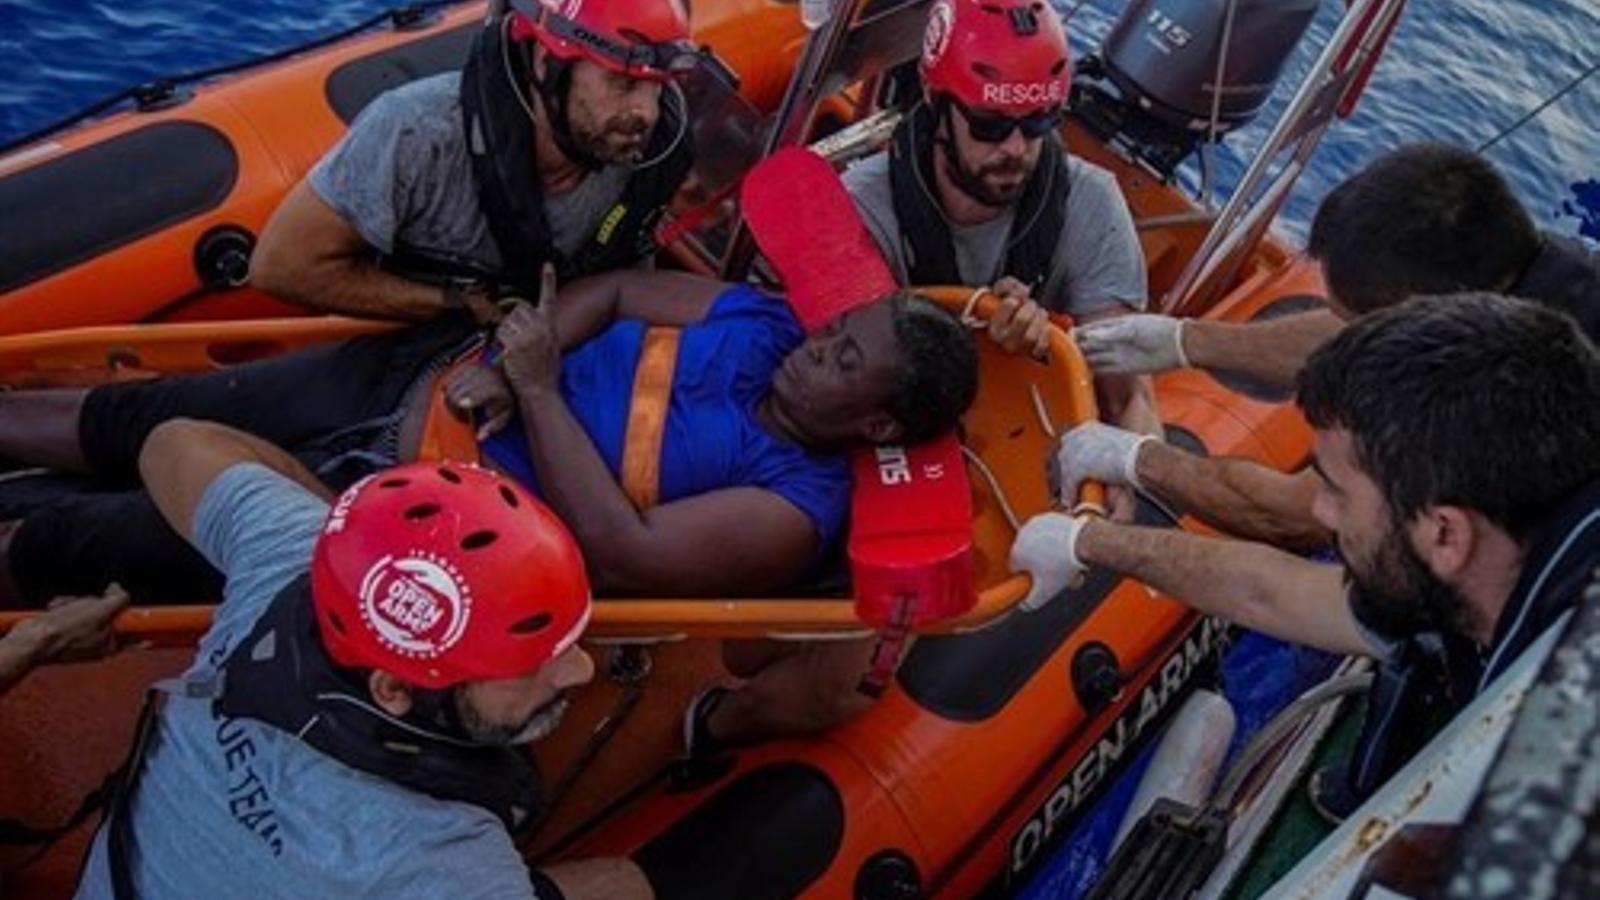 Traslladen Josepha, rescatada per l'Open Arms, a un centre d'acollida de Catalunya